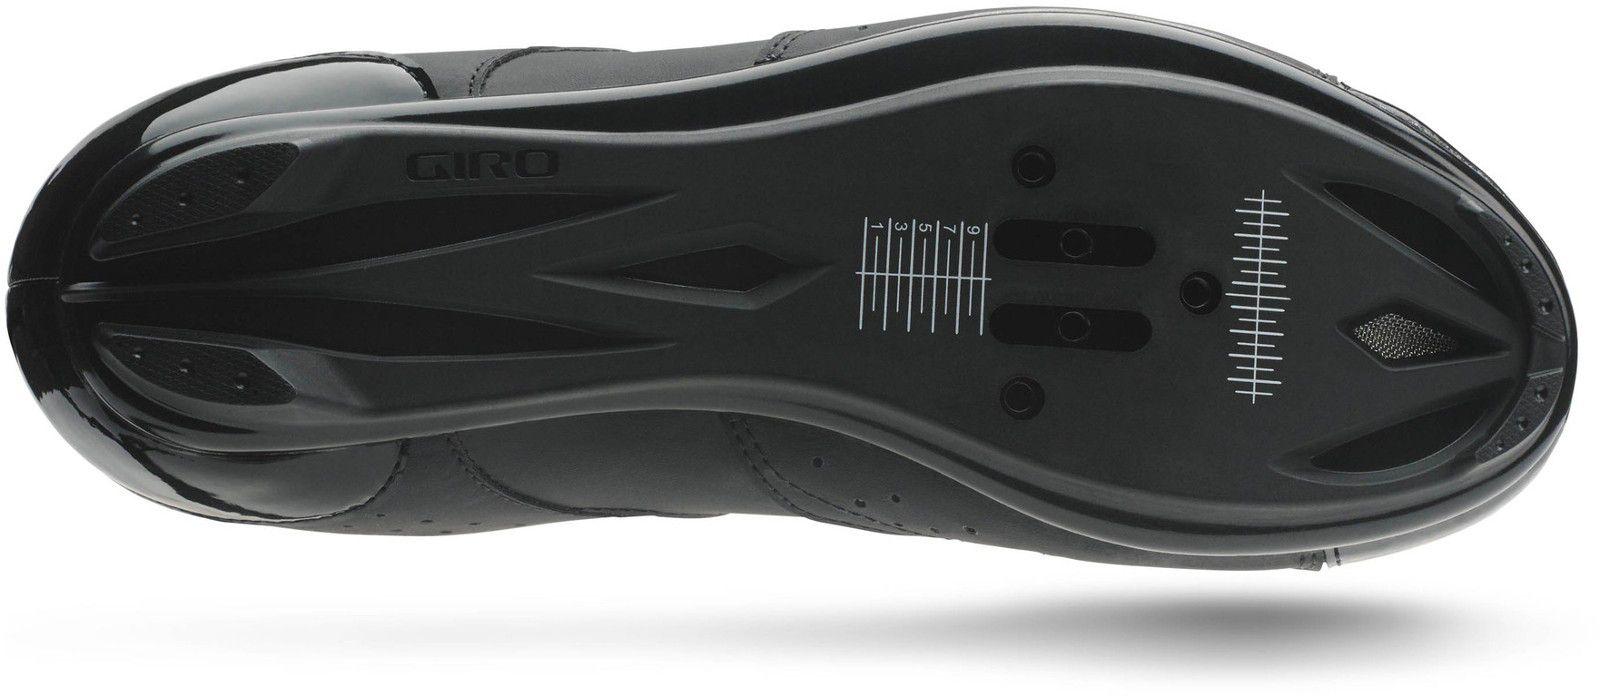 Sapatilha Speed Giro Savix + Pedal PD-RS500 com tacos